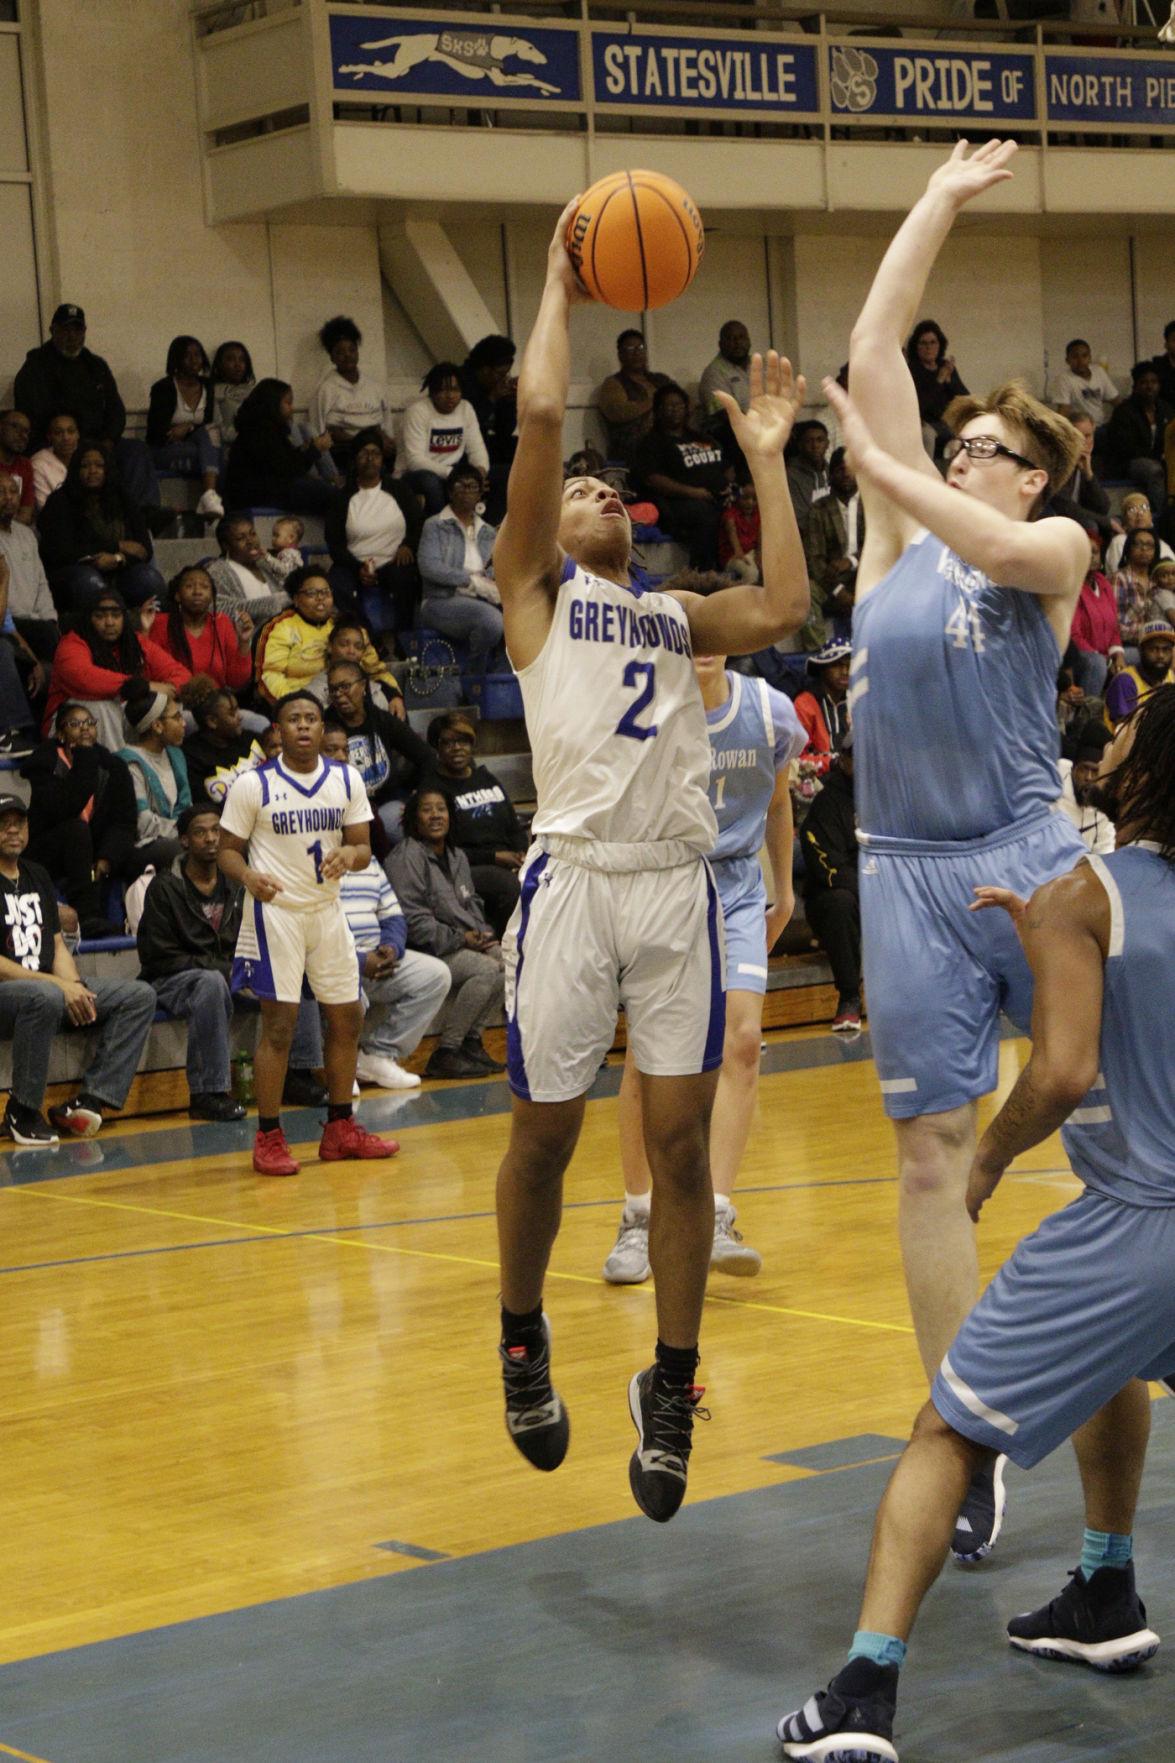 Statesville-West Rowan basketball 2